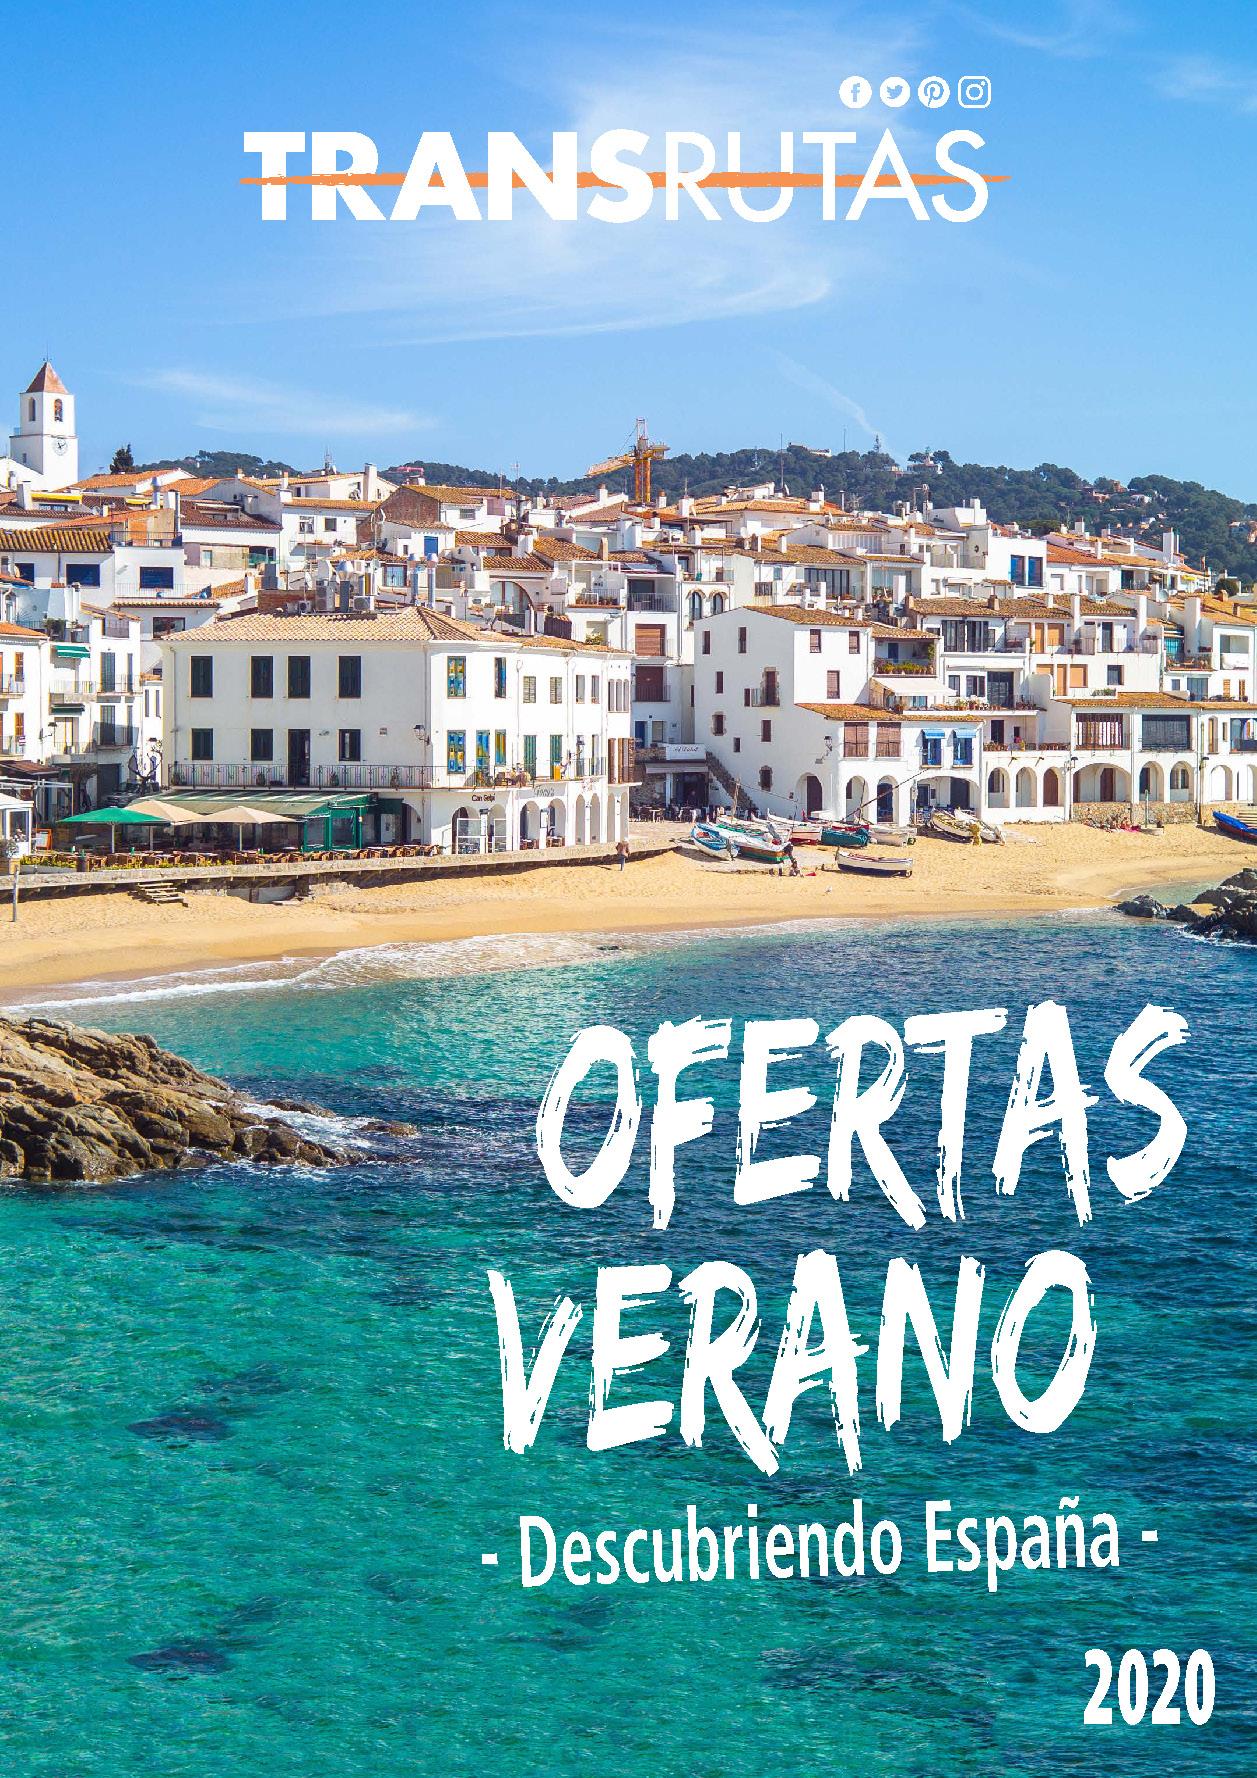 Catalogo Transrutas Ofertas Espana Verano 2020